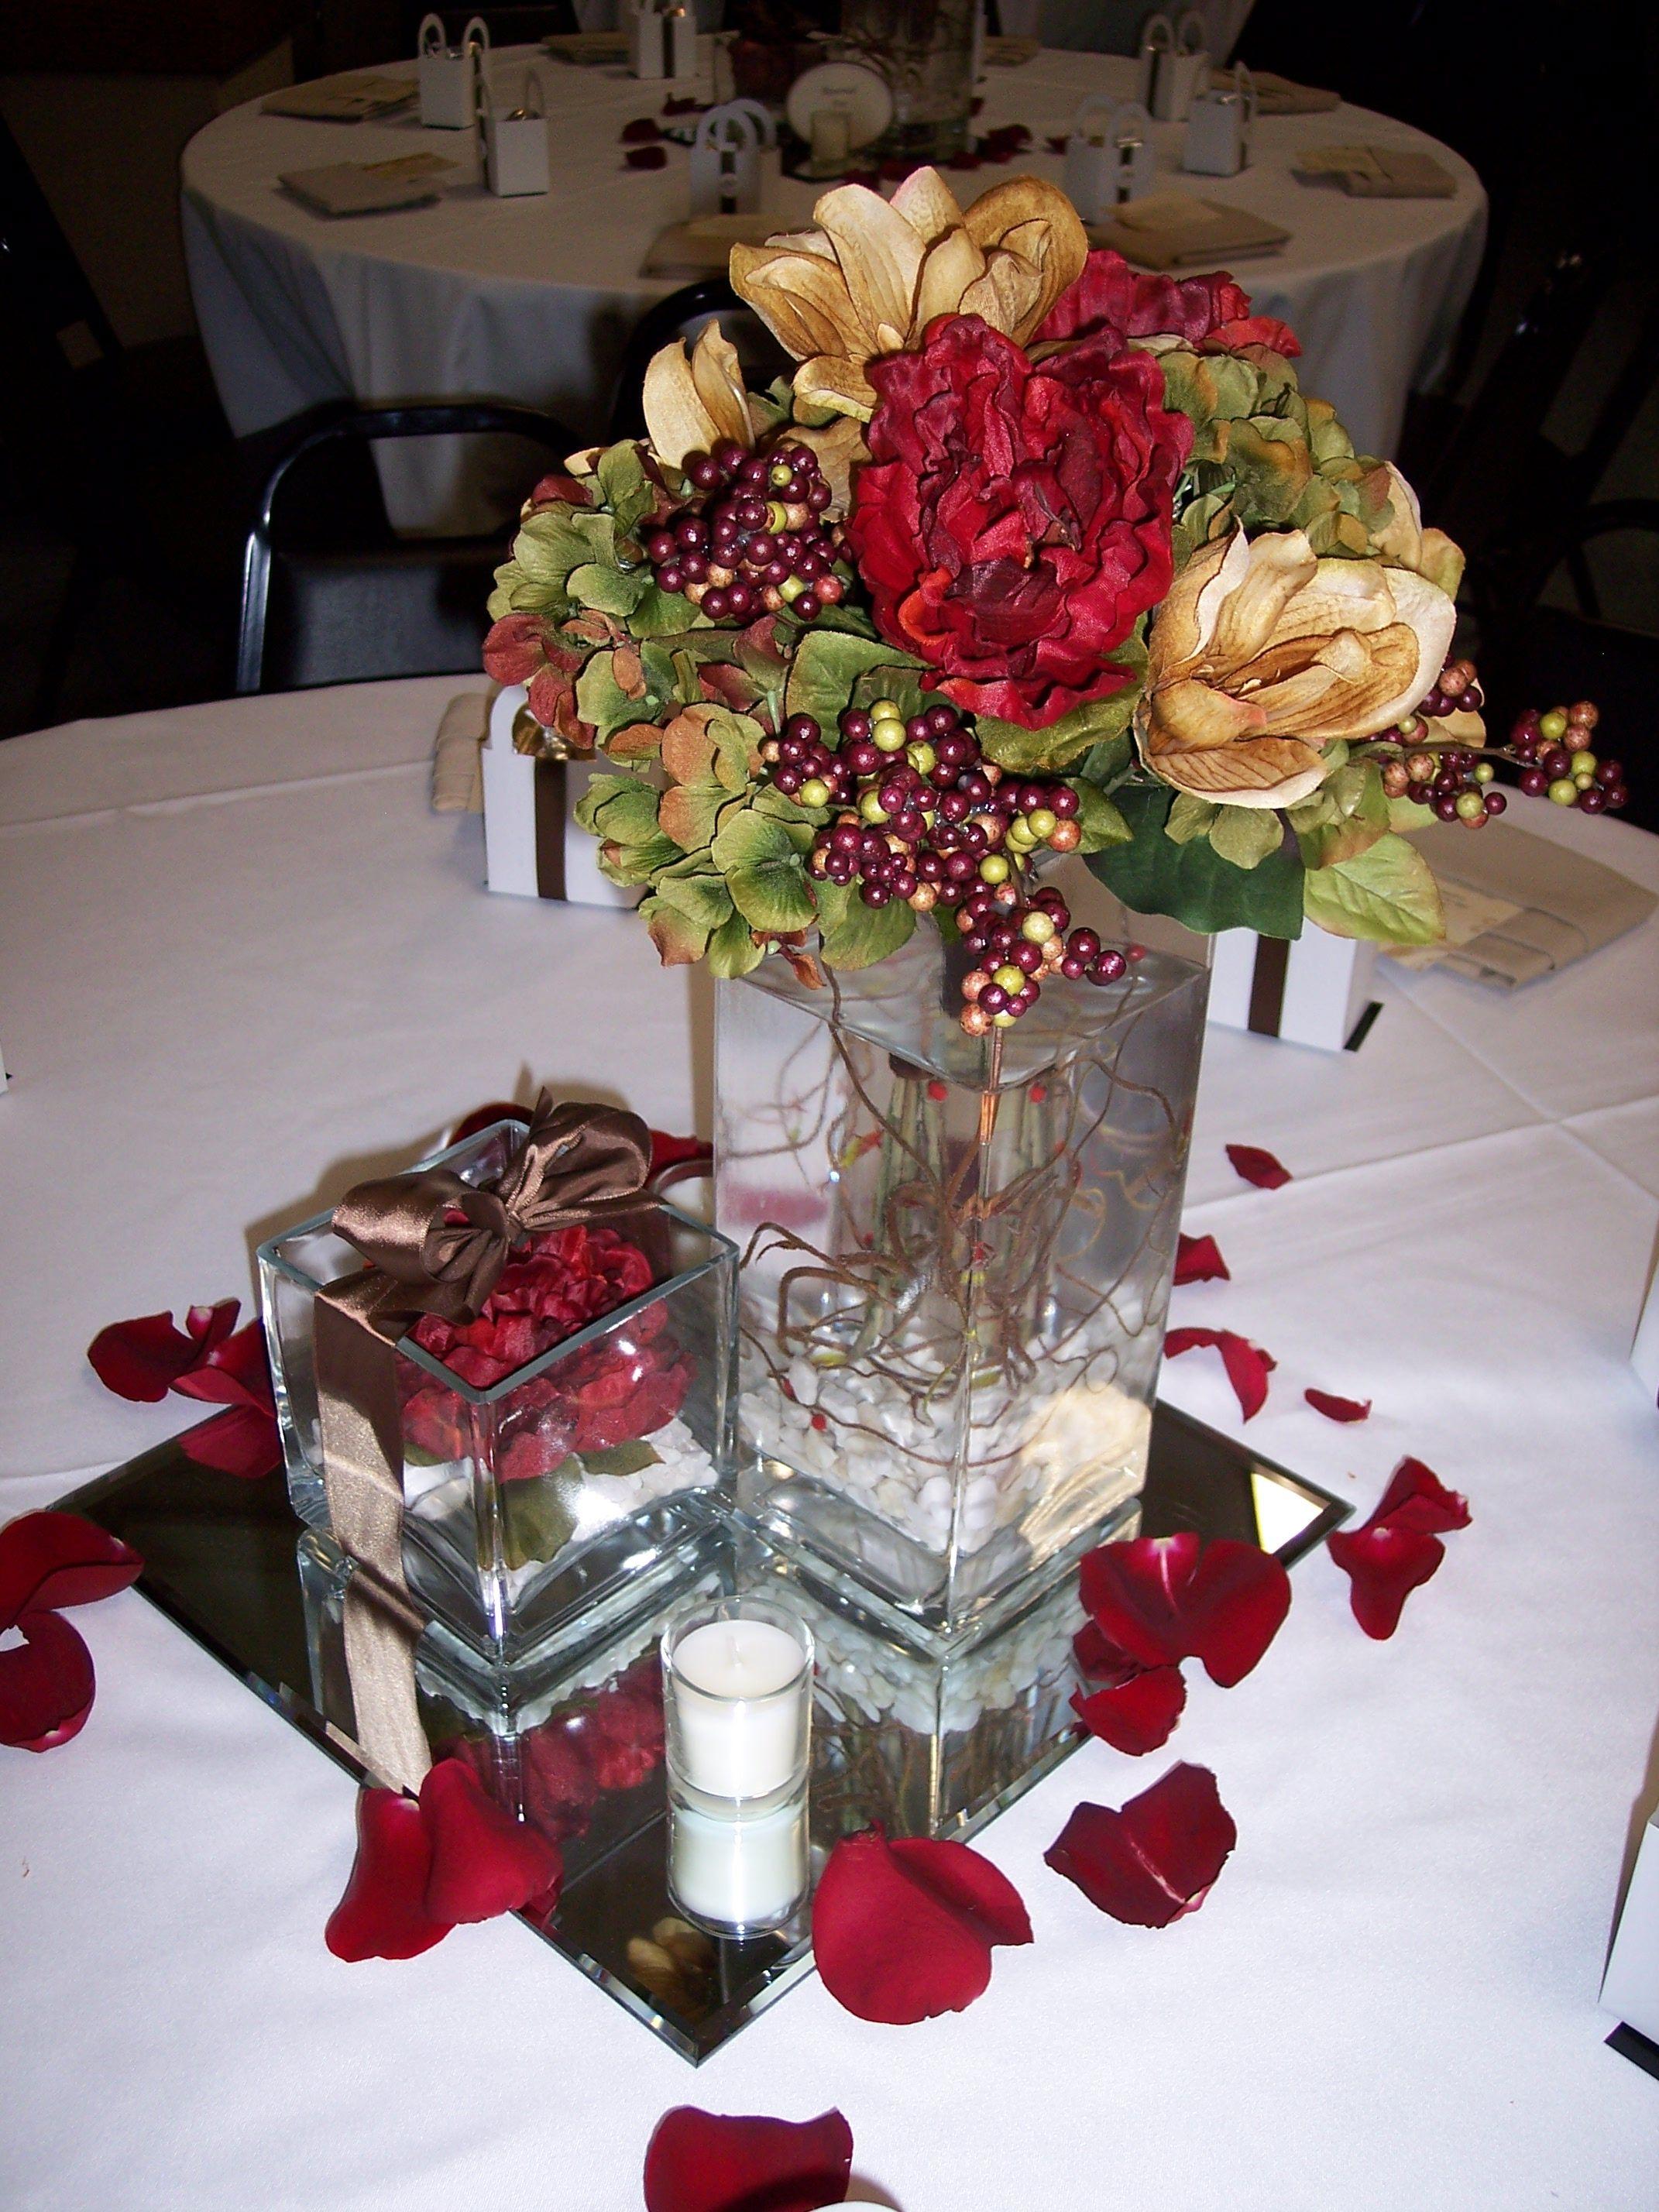 Centerpiece for fall wedding ideas pinterest for Fall wedding centerpieces